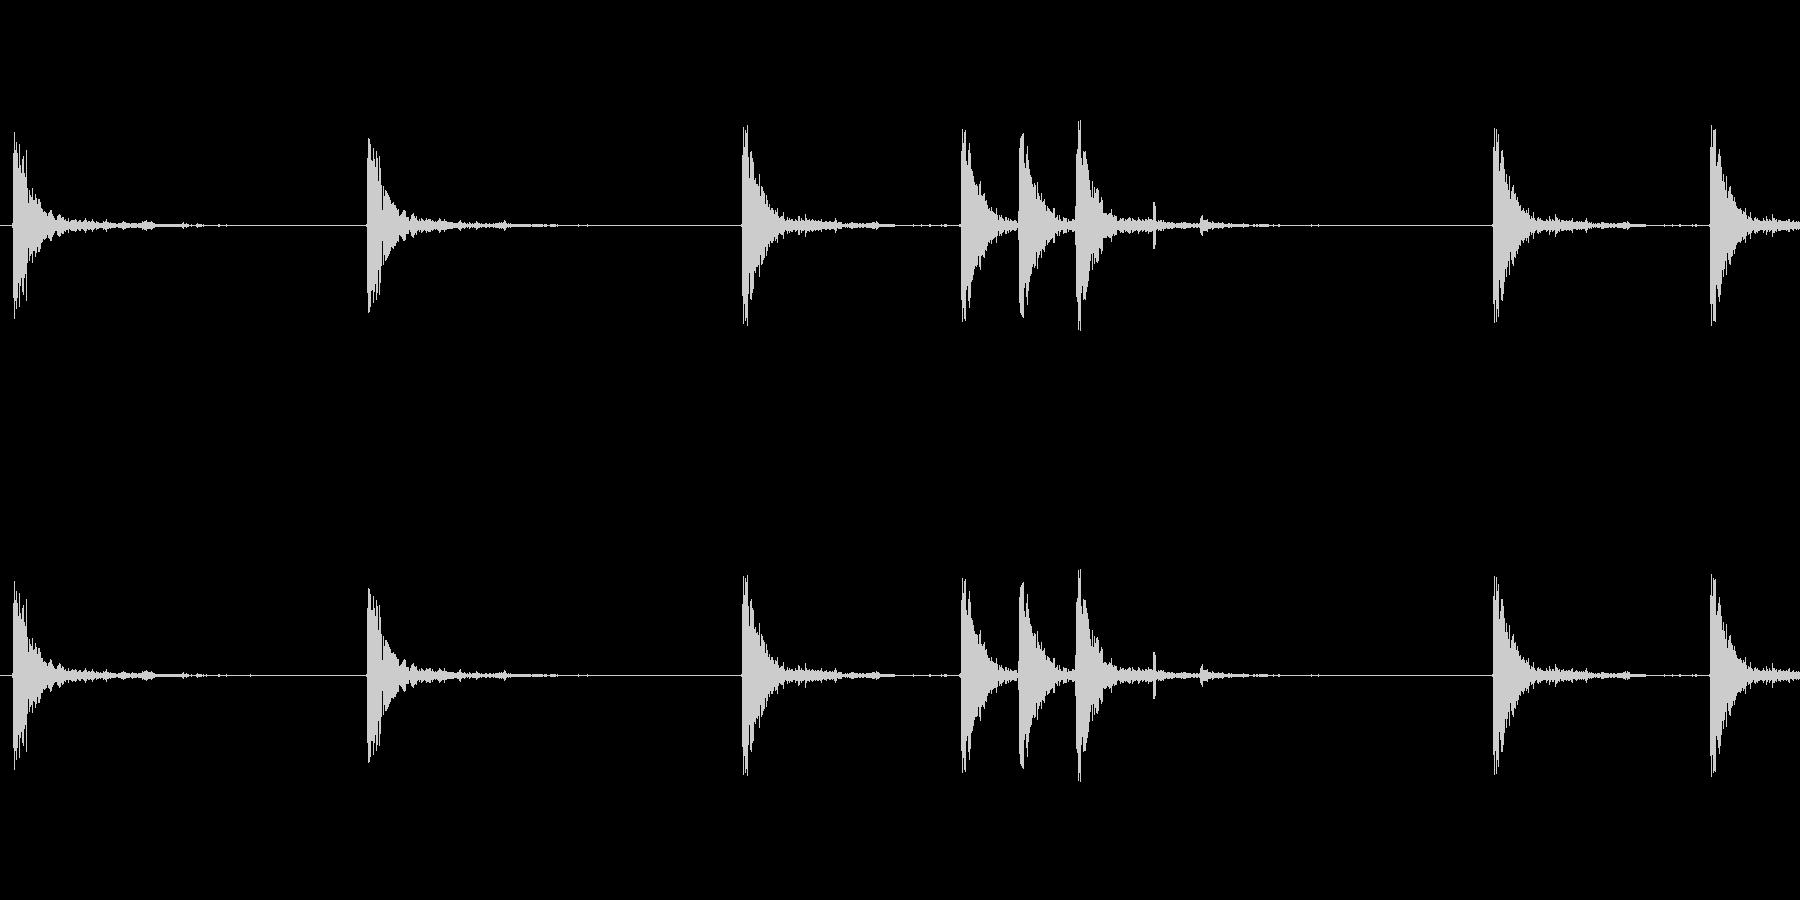 銃の音 (1)の未再生の波形